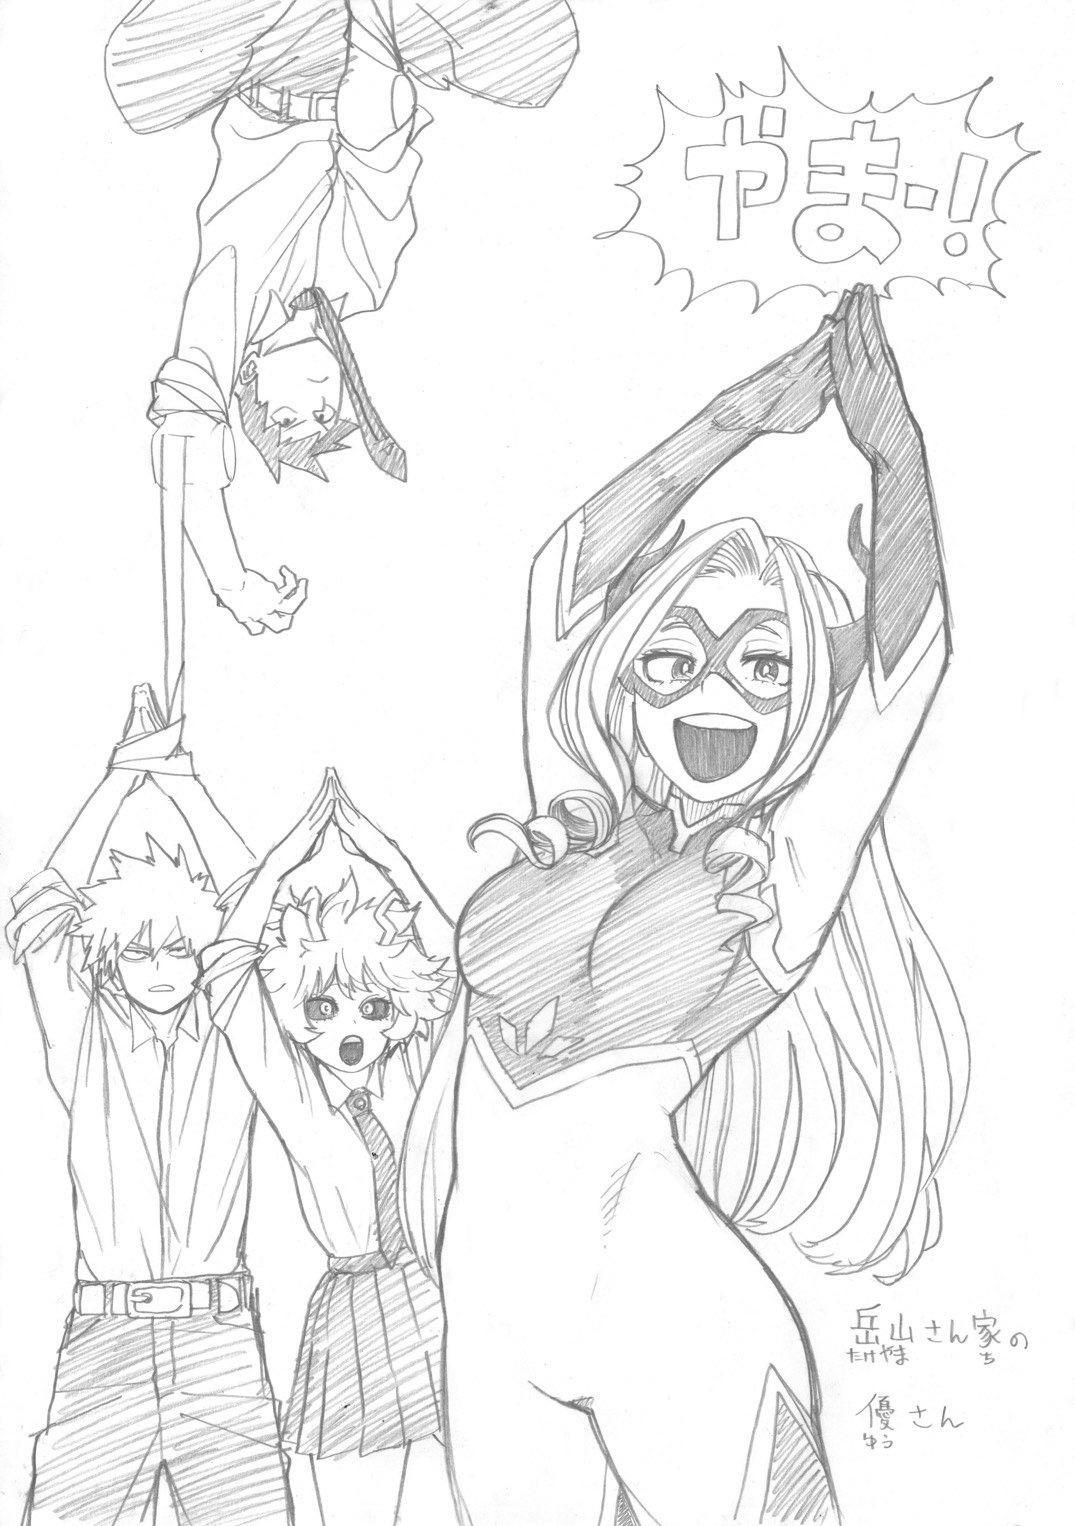 Photo of Mt. Lady, Sero, Bakugo and Ashido • Sketch by Kohei Horikoshi